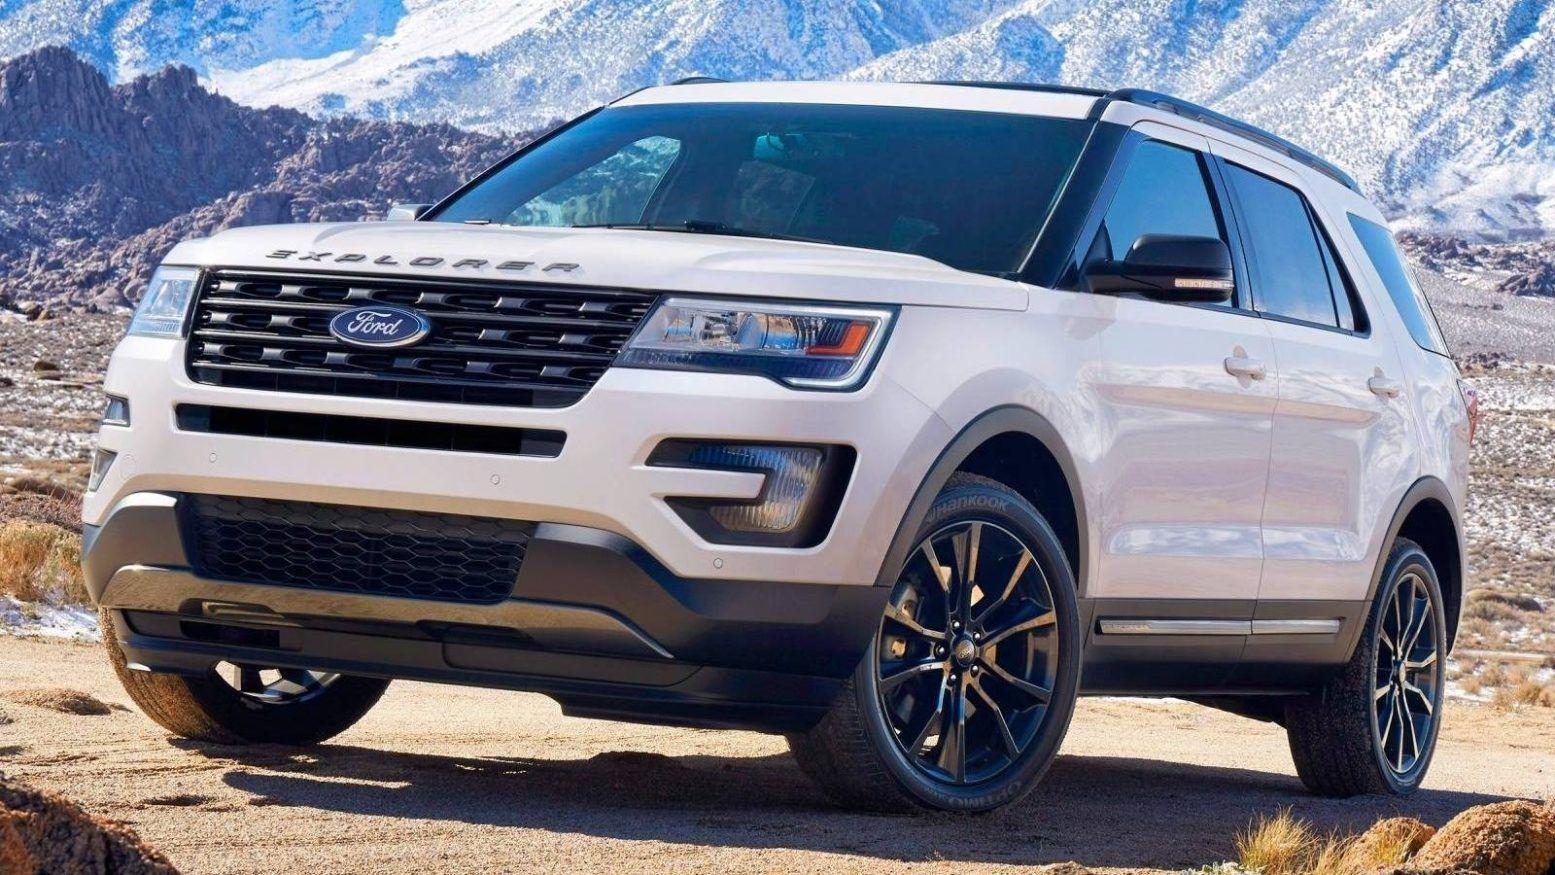 2019 Ford Explorer: Redesign, New Platform, Engines >> 2019 Ford Explorer Review Design Engine Changes Platform Photos